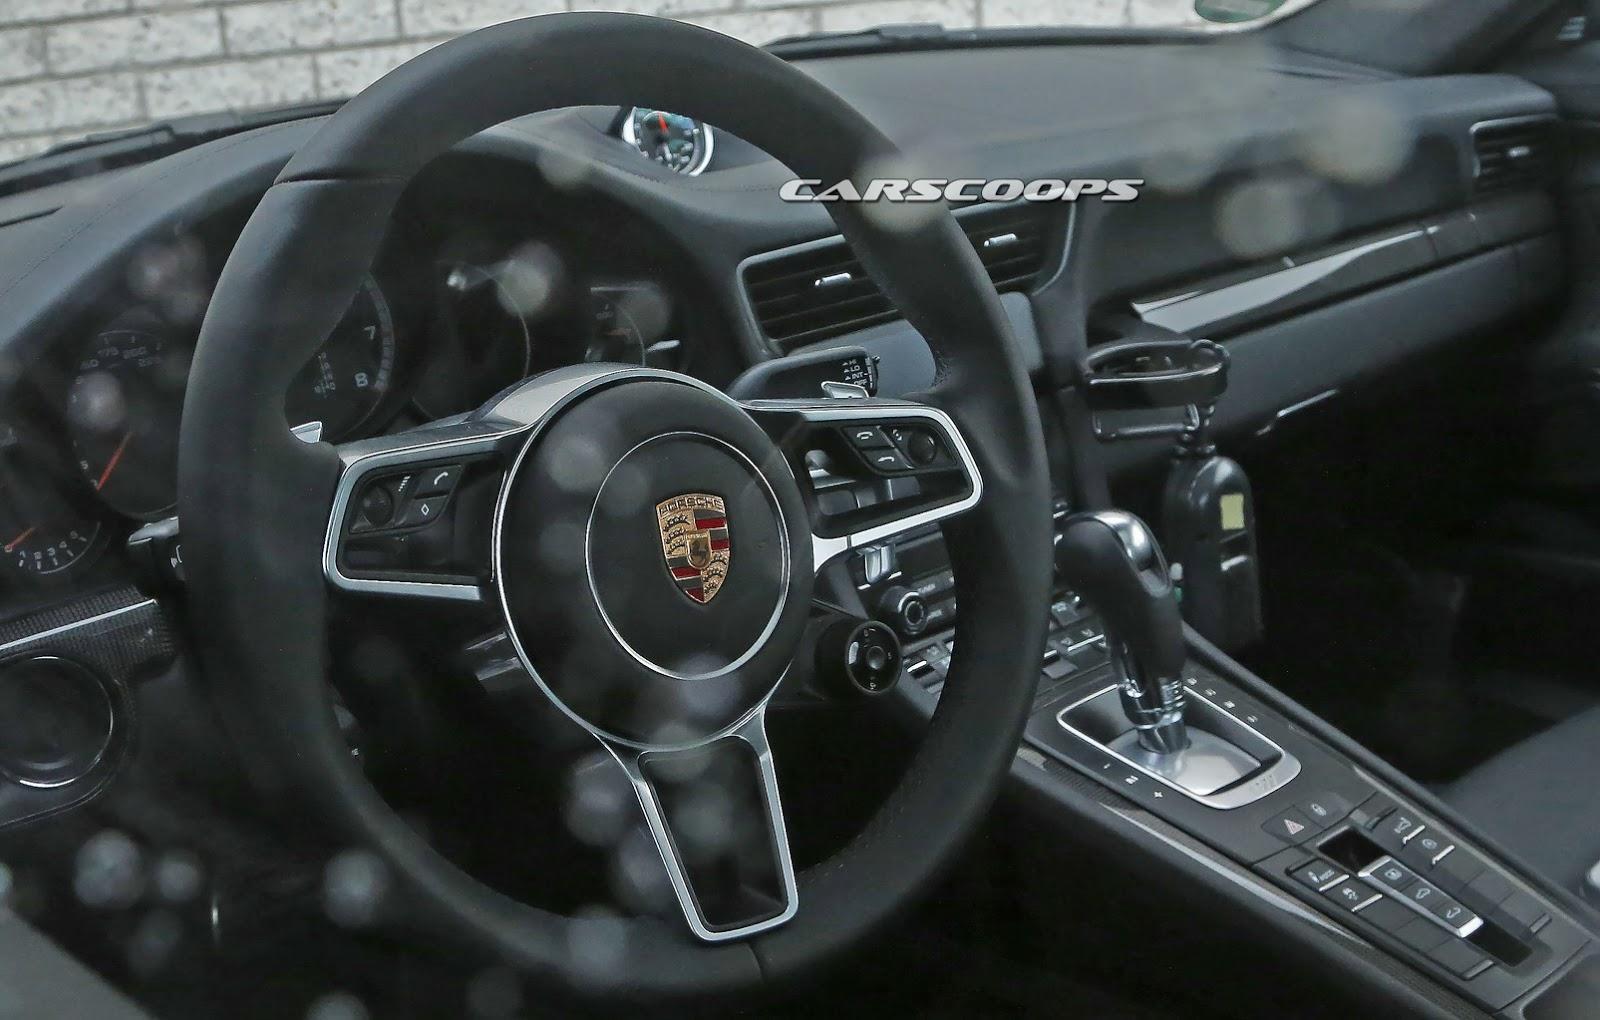 Facelifted 2016 Porsche 911 S Interior Spied Undisguised